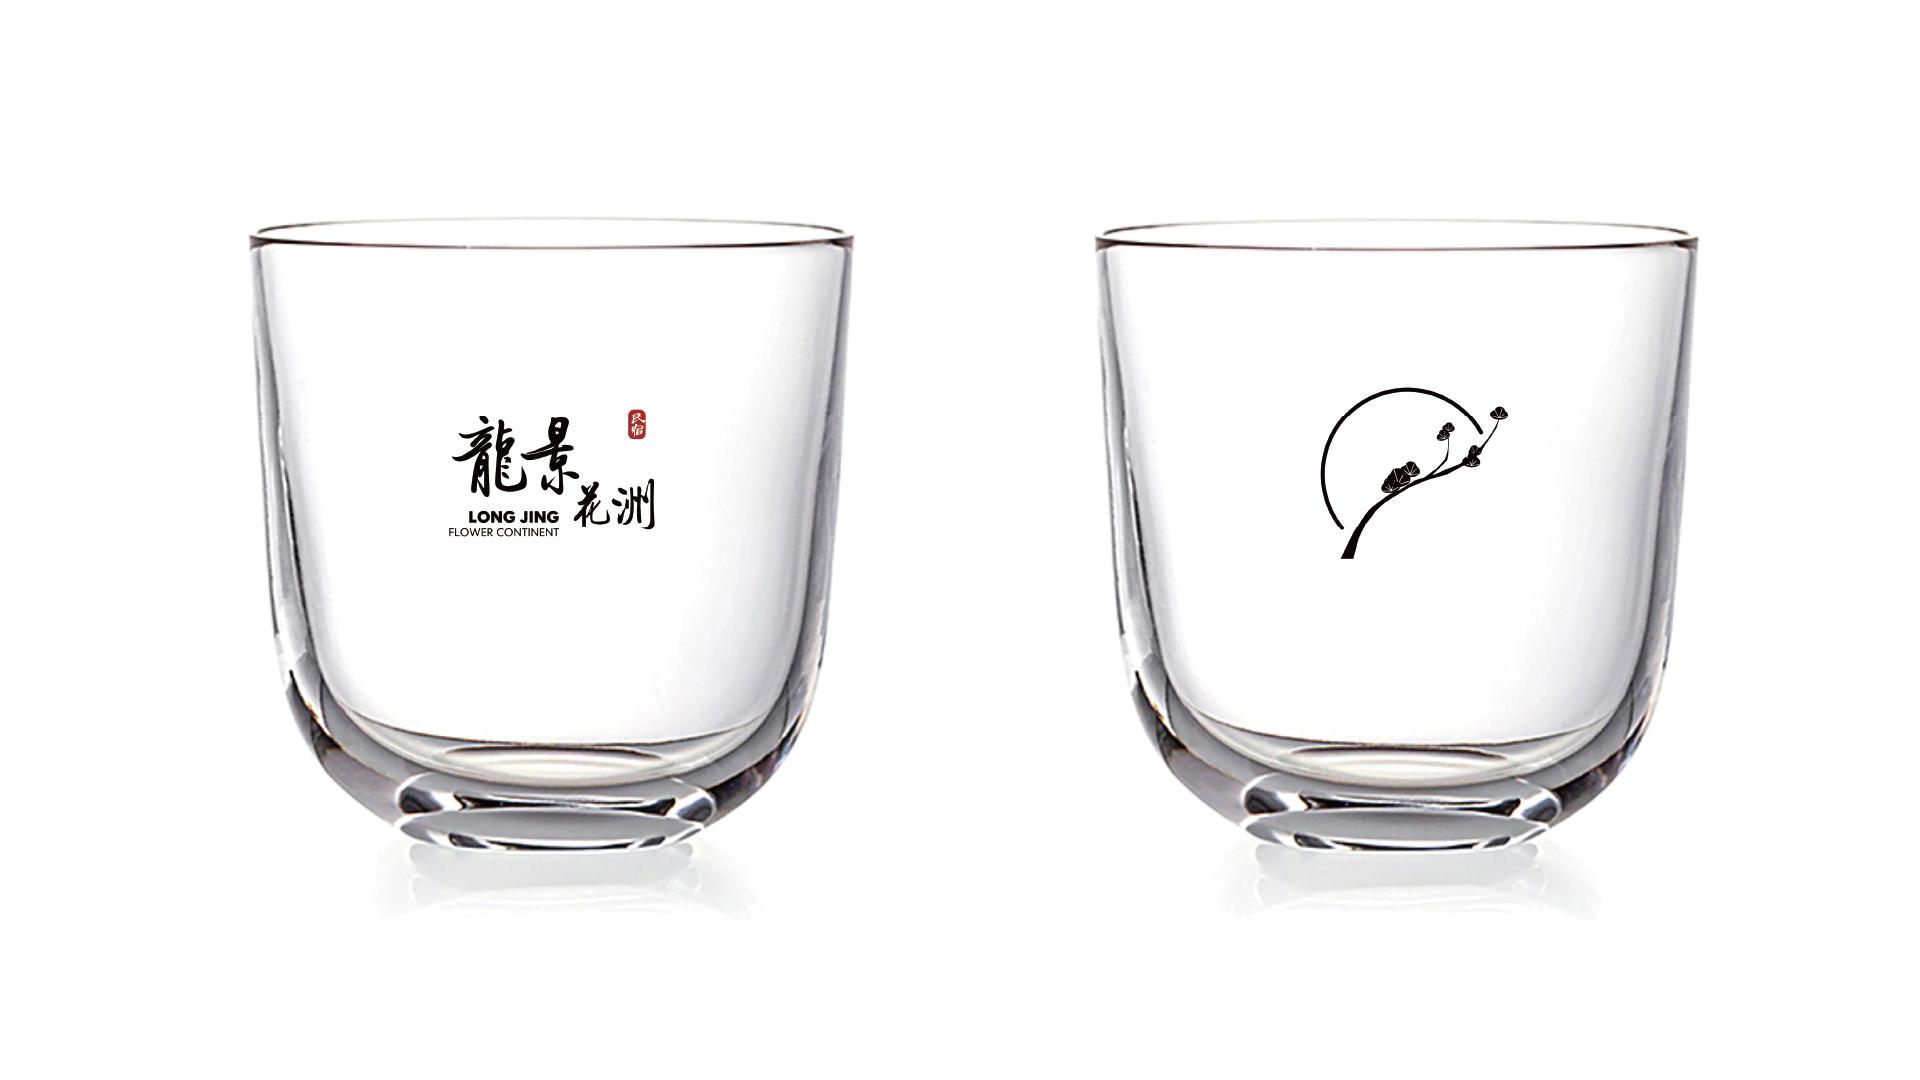 龙景花洲LOGO应用玻璃杯设计